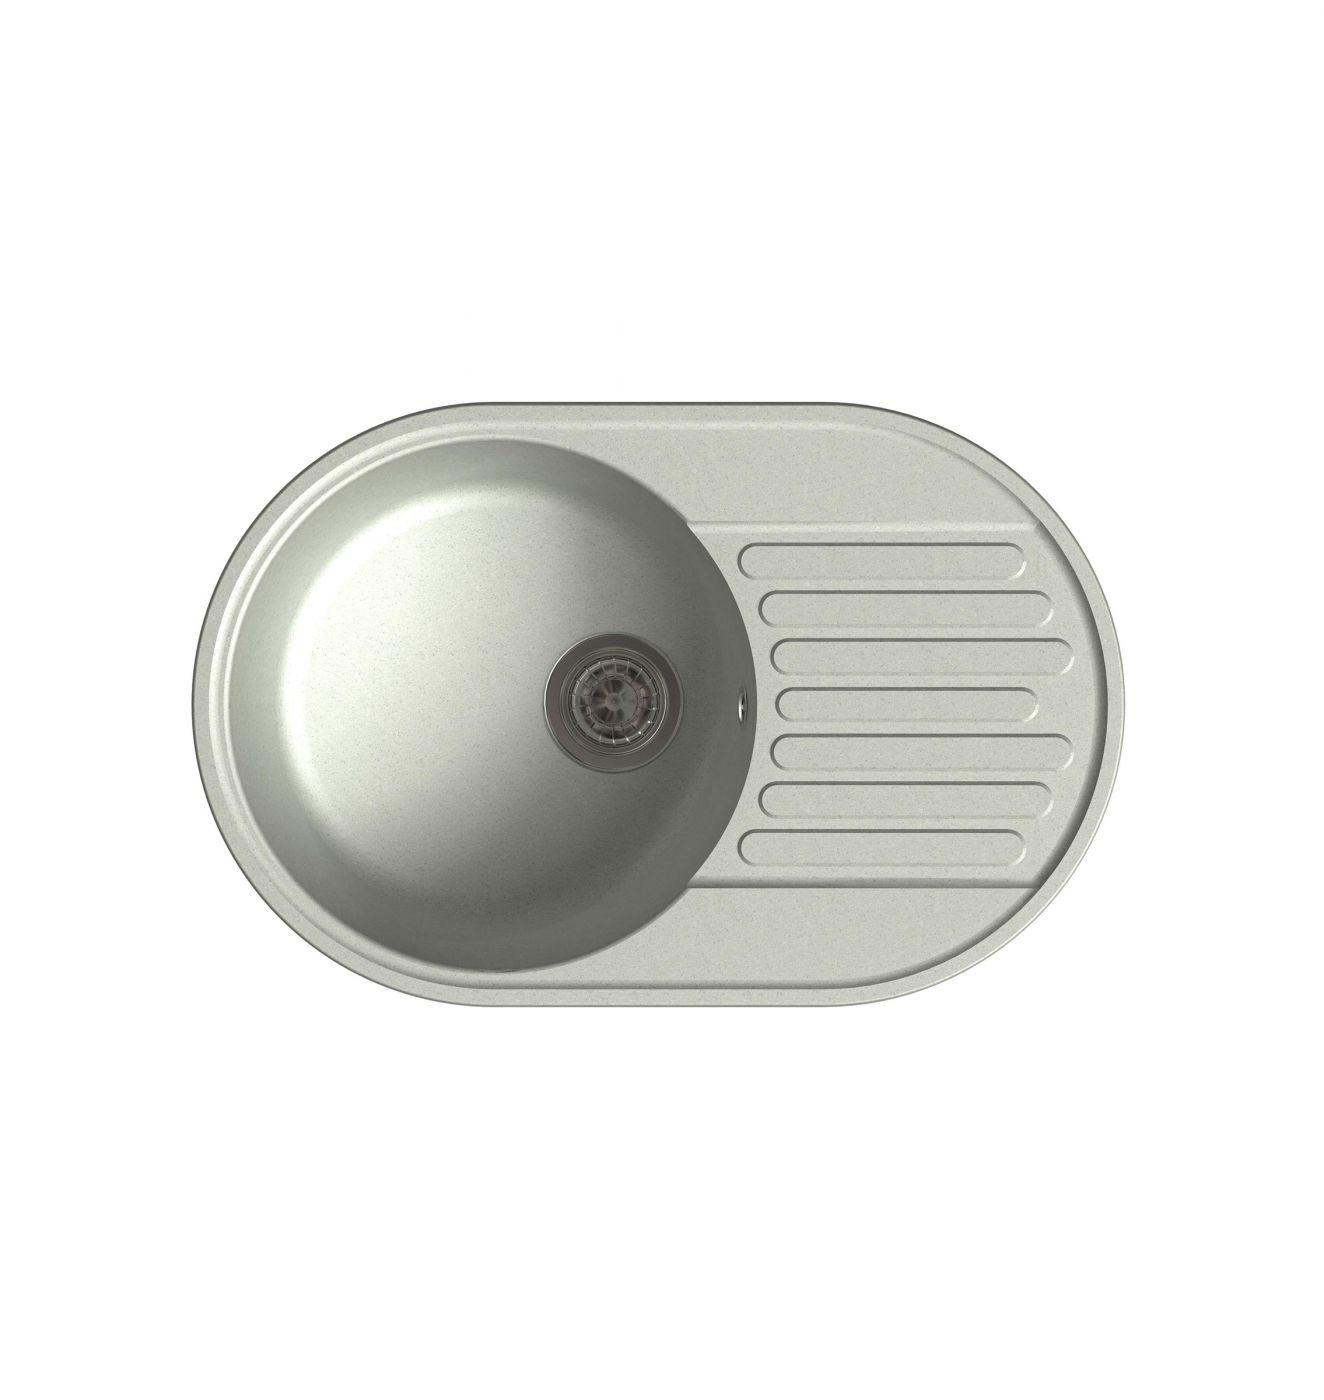 Врезная кухонная мойка LEX Como 740 Space Gray 74х48см полимер RULE000012